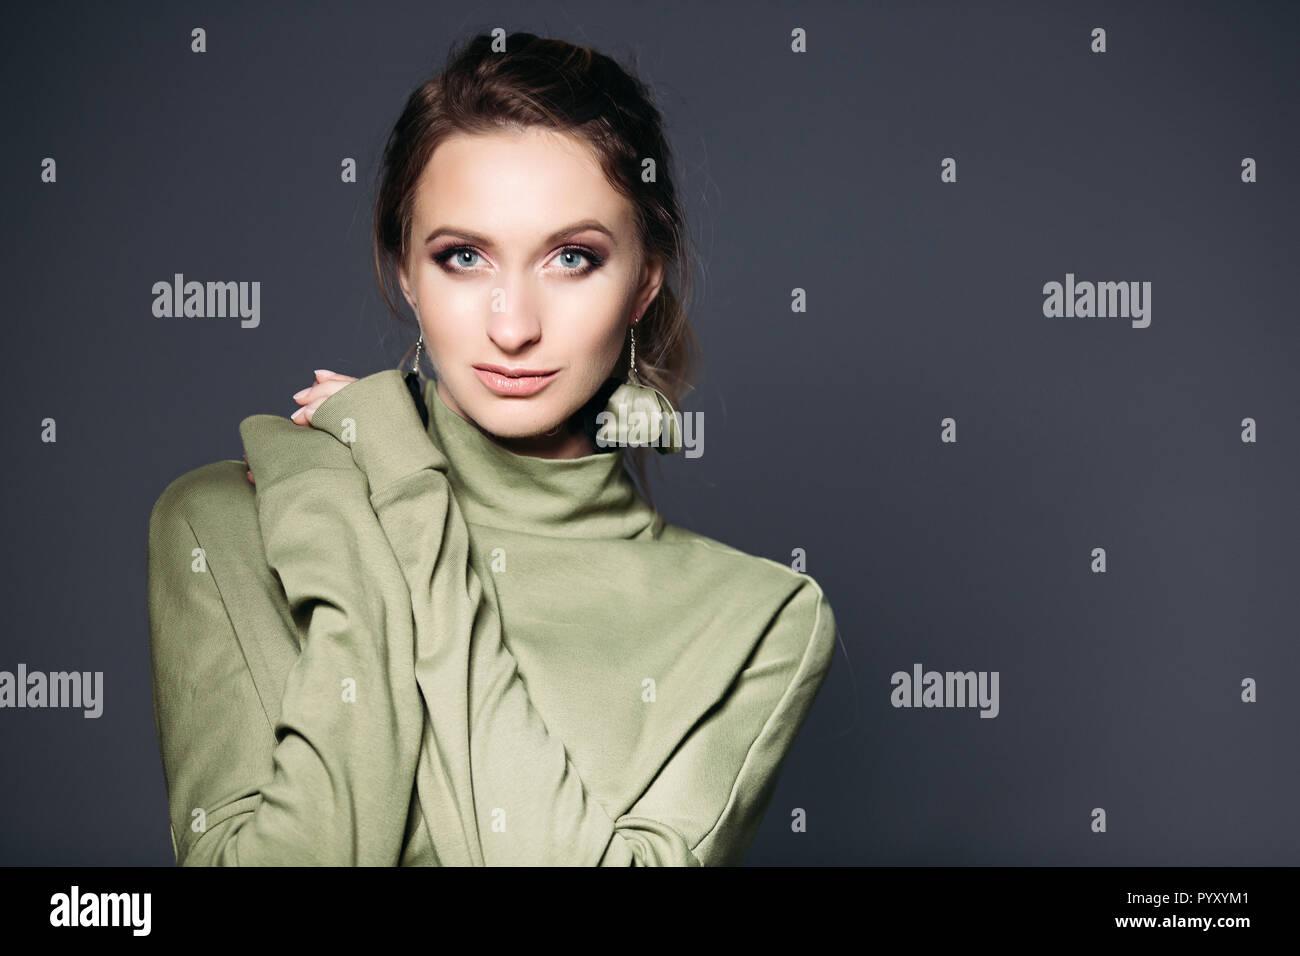 Beauty portrait of brunette woman with wearing in khaki dress. - Stock Image